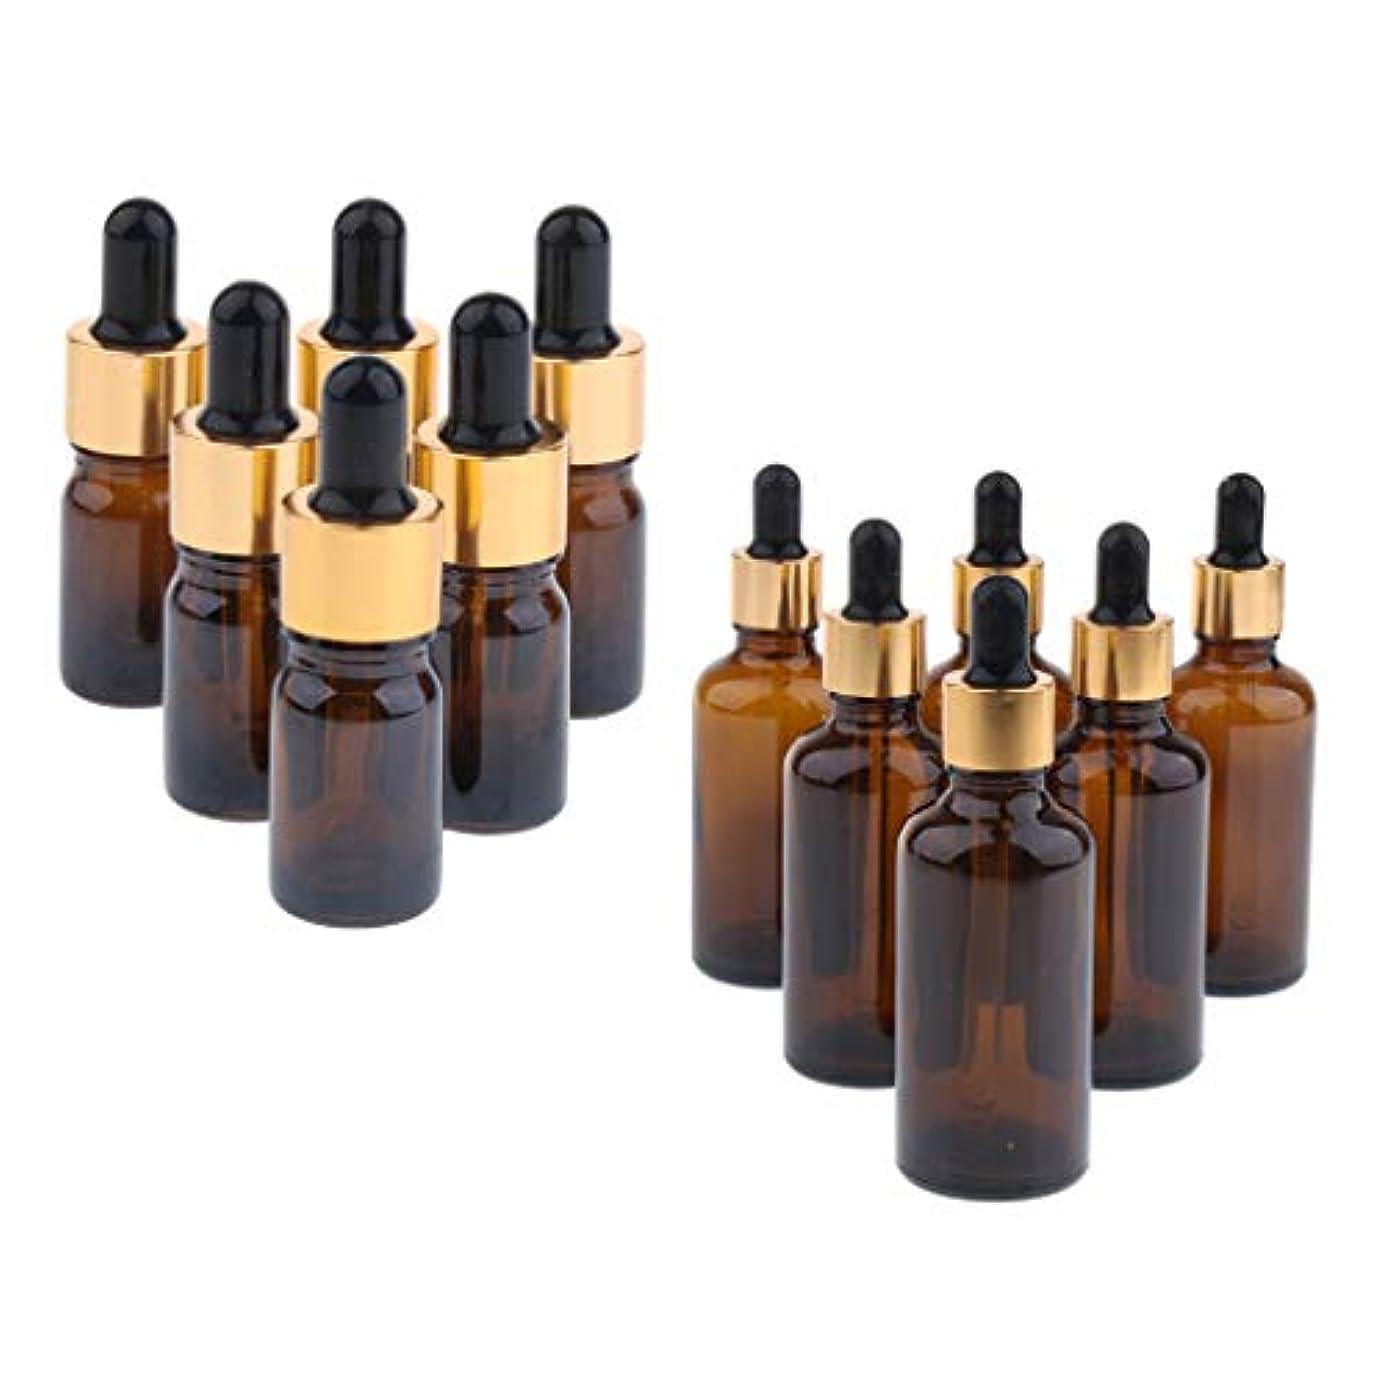 バット独特のマイナーdailymall 12ピース詰め替え液体ストレージ点眼薬と白いキャップエッセンシャルオイルラウンドボトルメイクアップサンプルバイアル化粧品ボトル10 Ml + 50 Ml